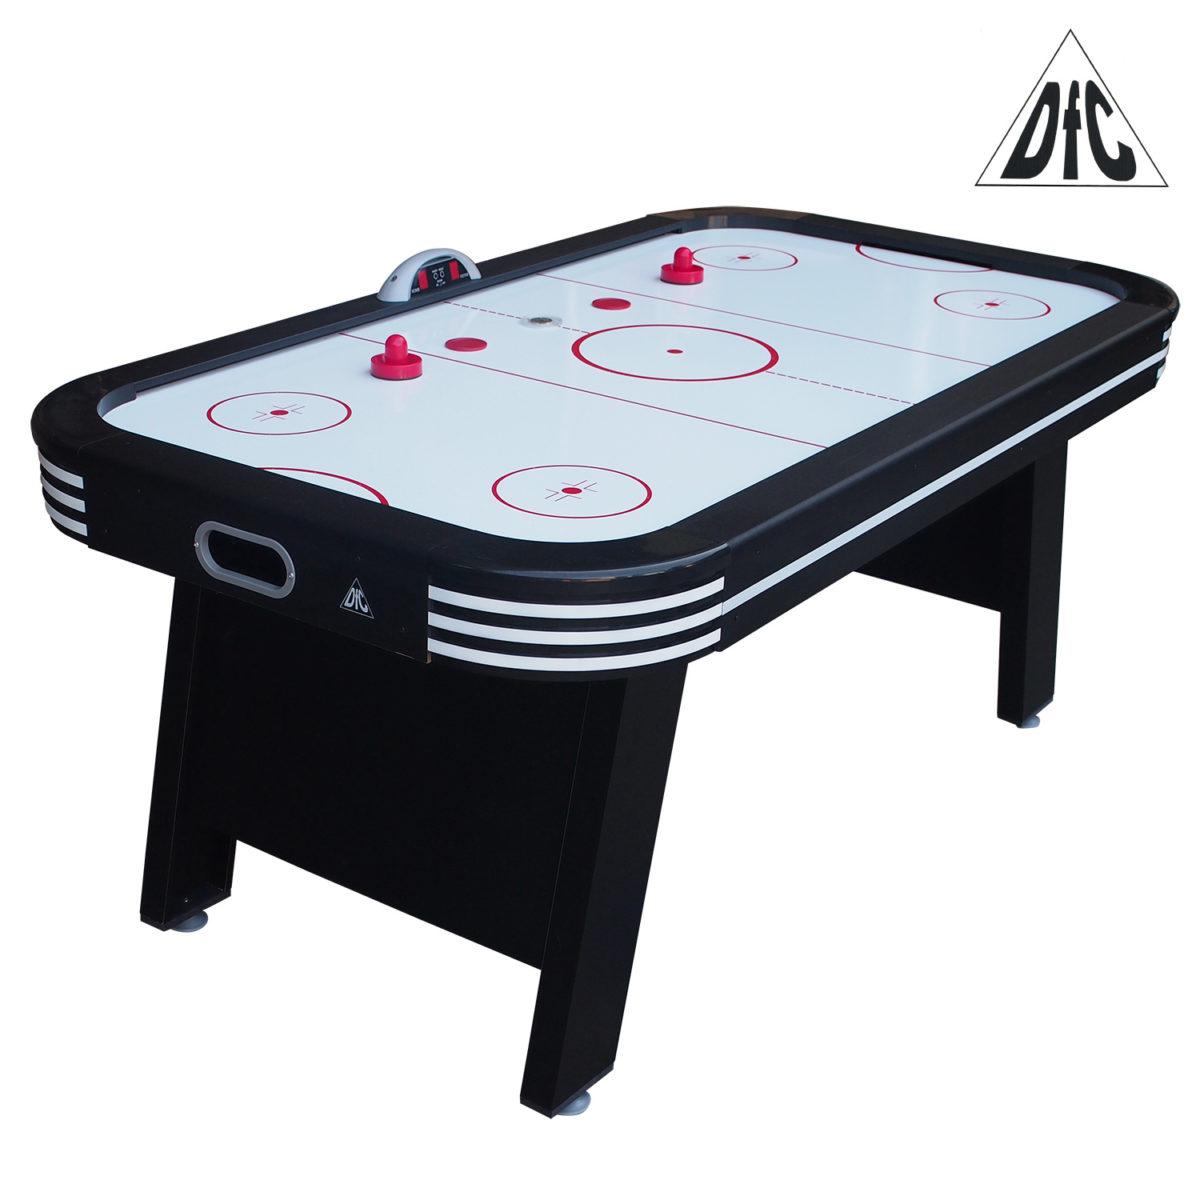 Игровой стол - аэрохоккей DFC VEGAS 6ft LED-шайба-арт-ES-AT-6800E1-